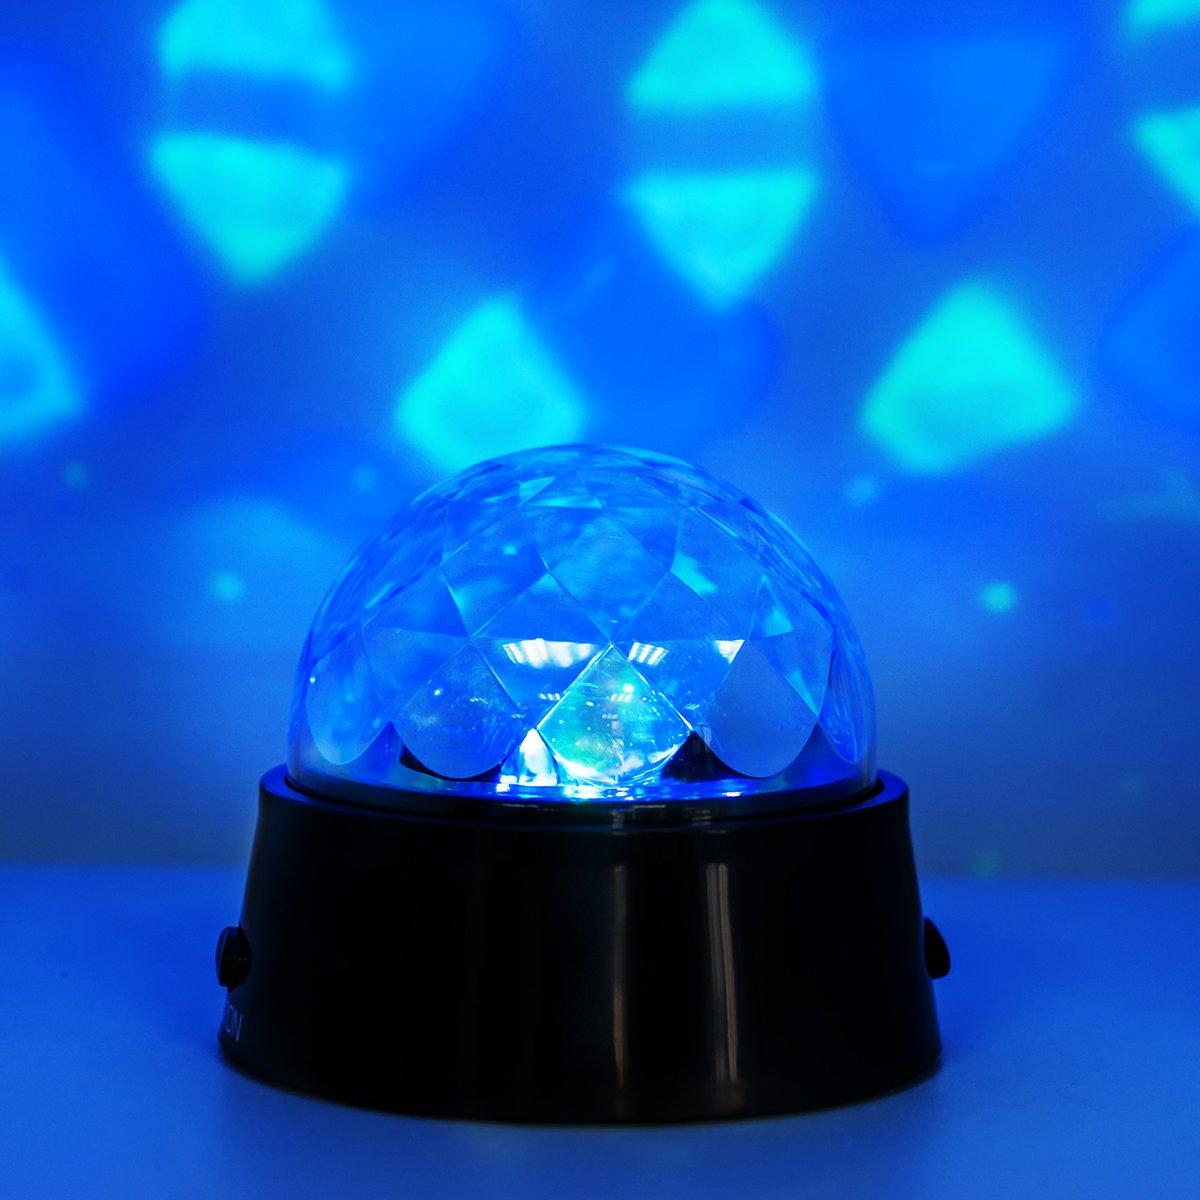 DXP RGB LED Discokugel Licht Stadion-Effekt Lichtprojektor B/ühnenbeleuchtung Farbwechsel Nachtlicht-Lampe mit Projektion WeihnachtenHochzeiten Stadion Club Kristall Magic Ball Partylicht SKY19